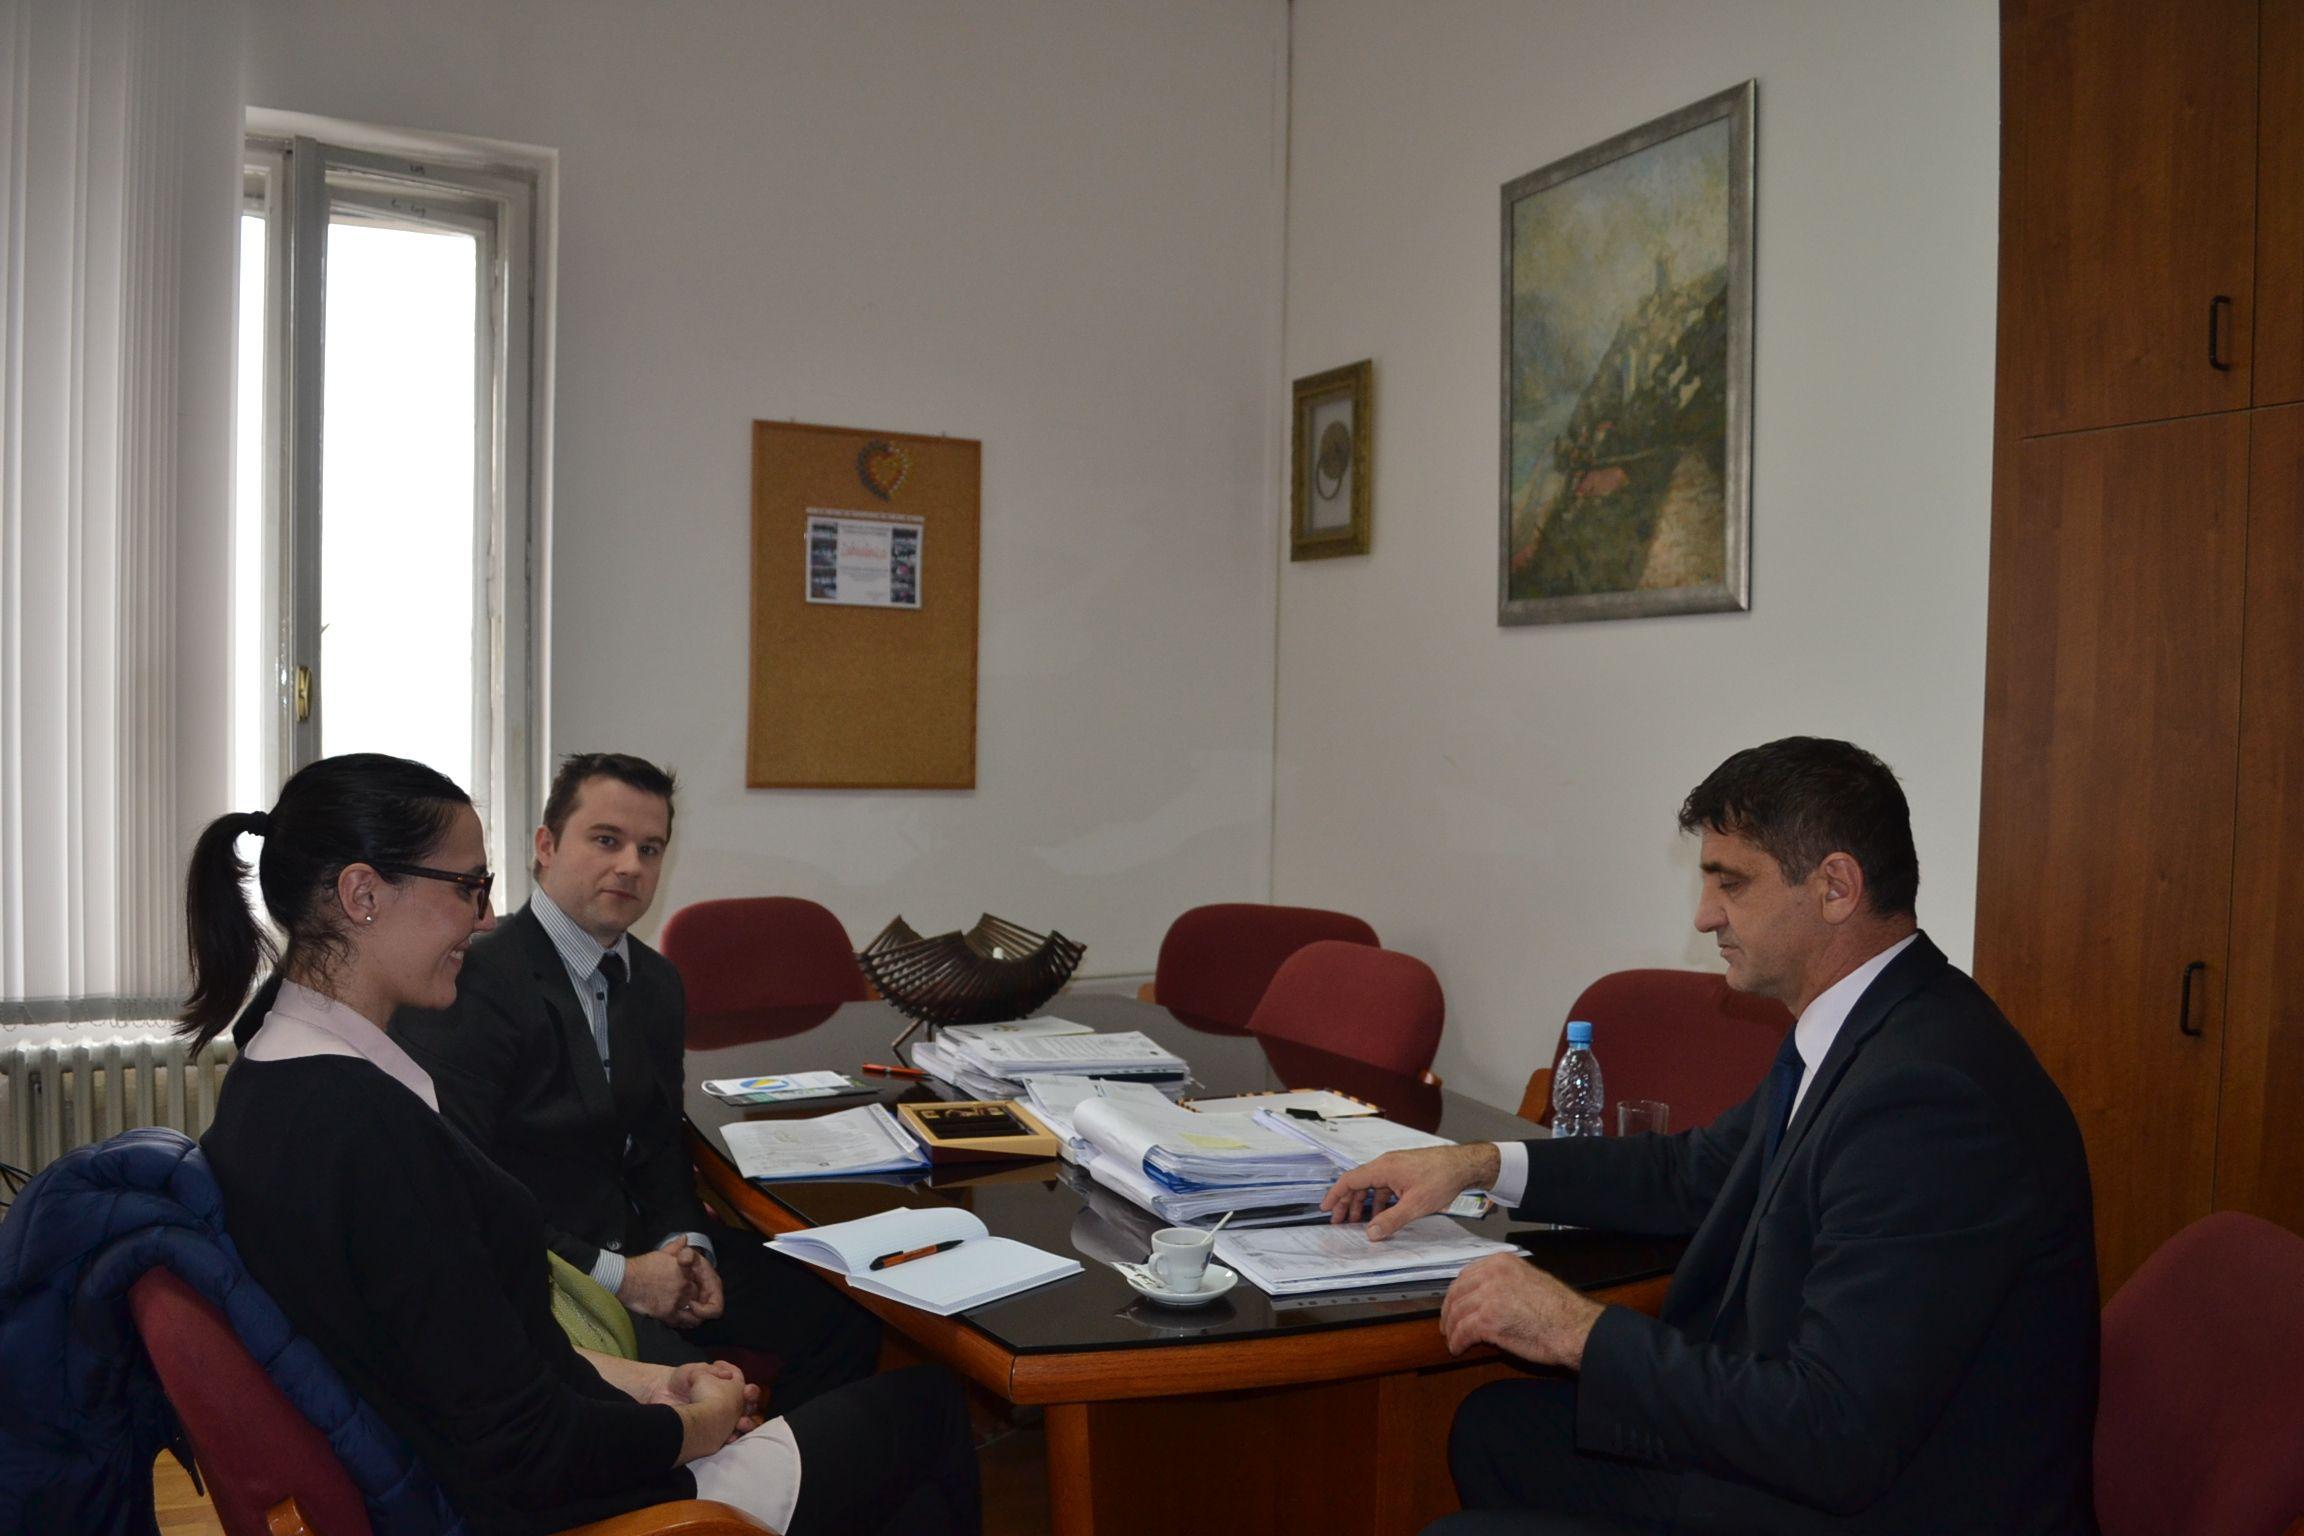 Ministar Kazazović i predstavnici projekta Osnovna.ba: Online edukacija je budućnost